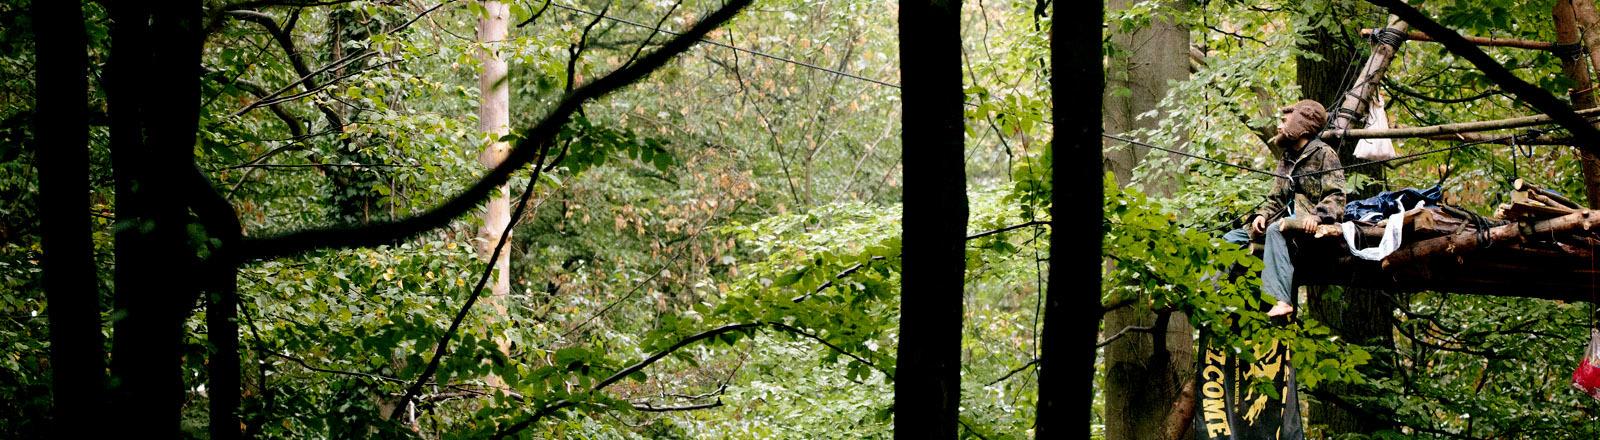 Ein Waldbesetzer sitzt auf einer Plattform in den Baumkronen, während sich von einer Seite ein Kran nähert.